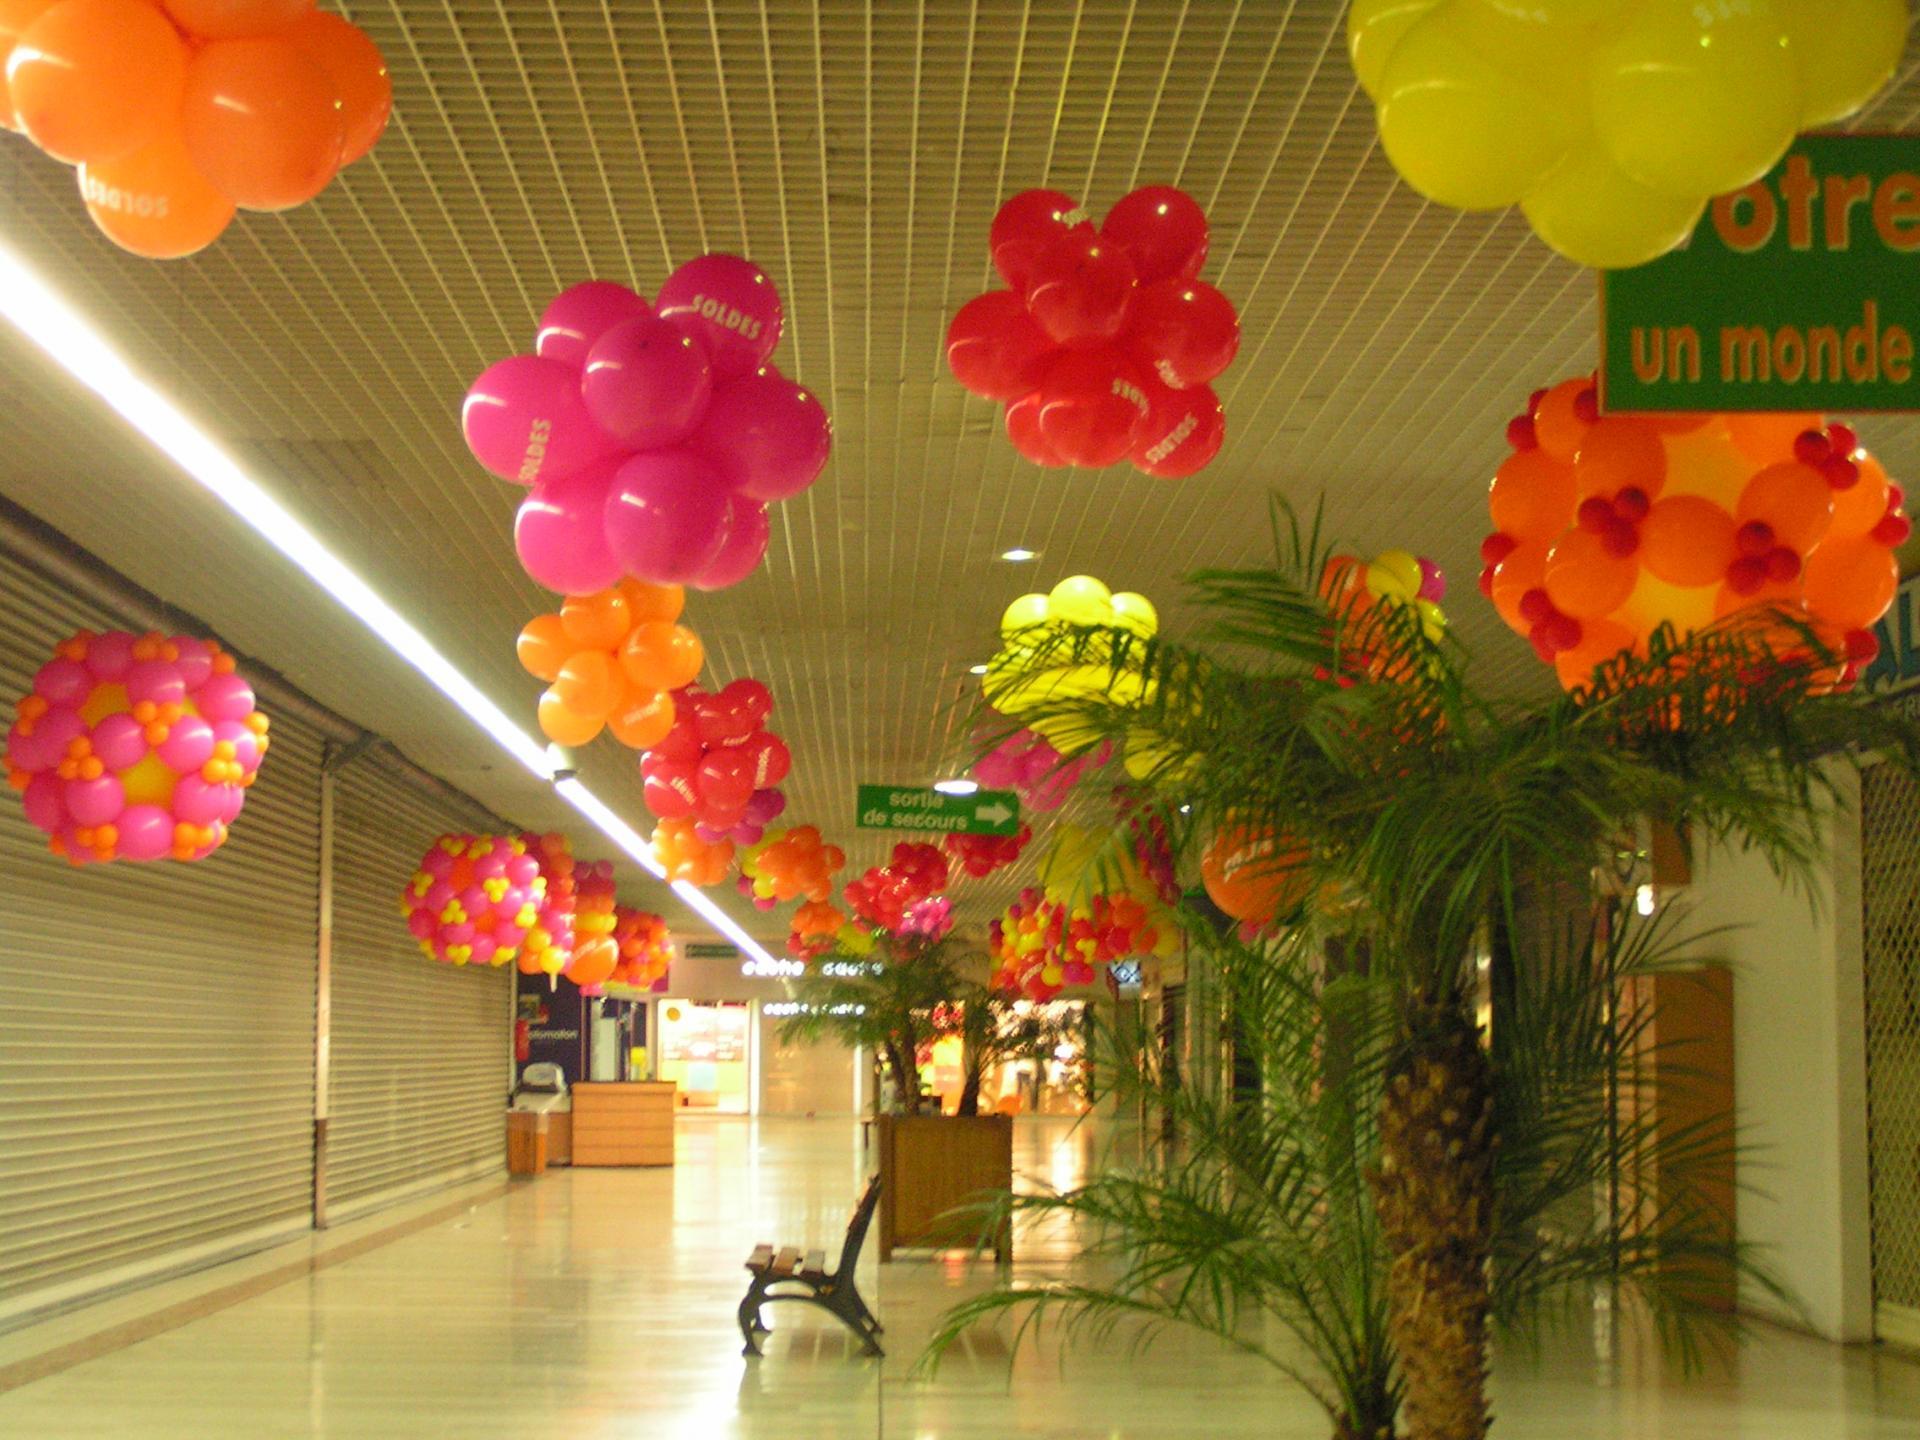 Magasin Des Idees Deco décoration ballon pour les soldes